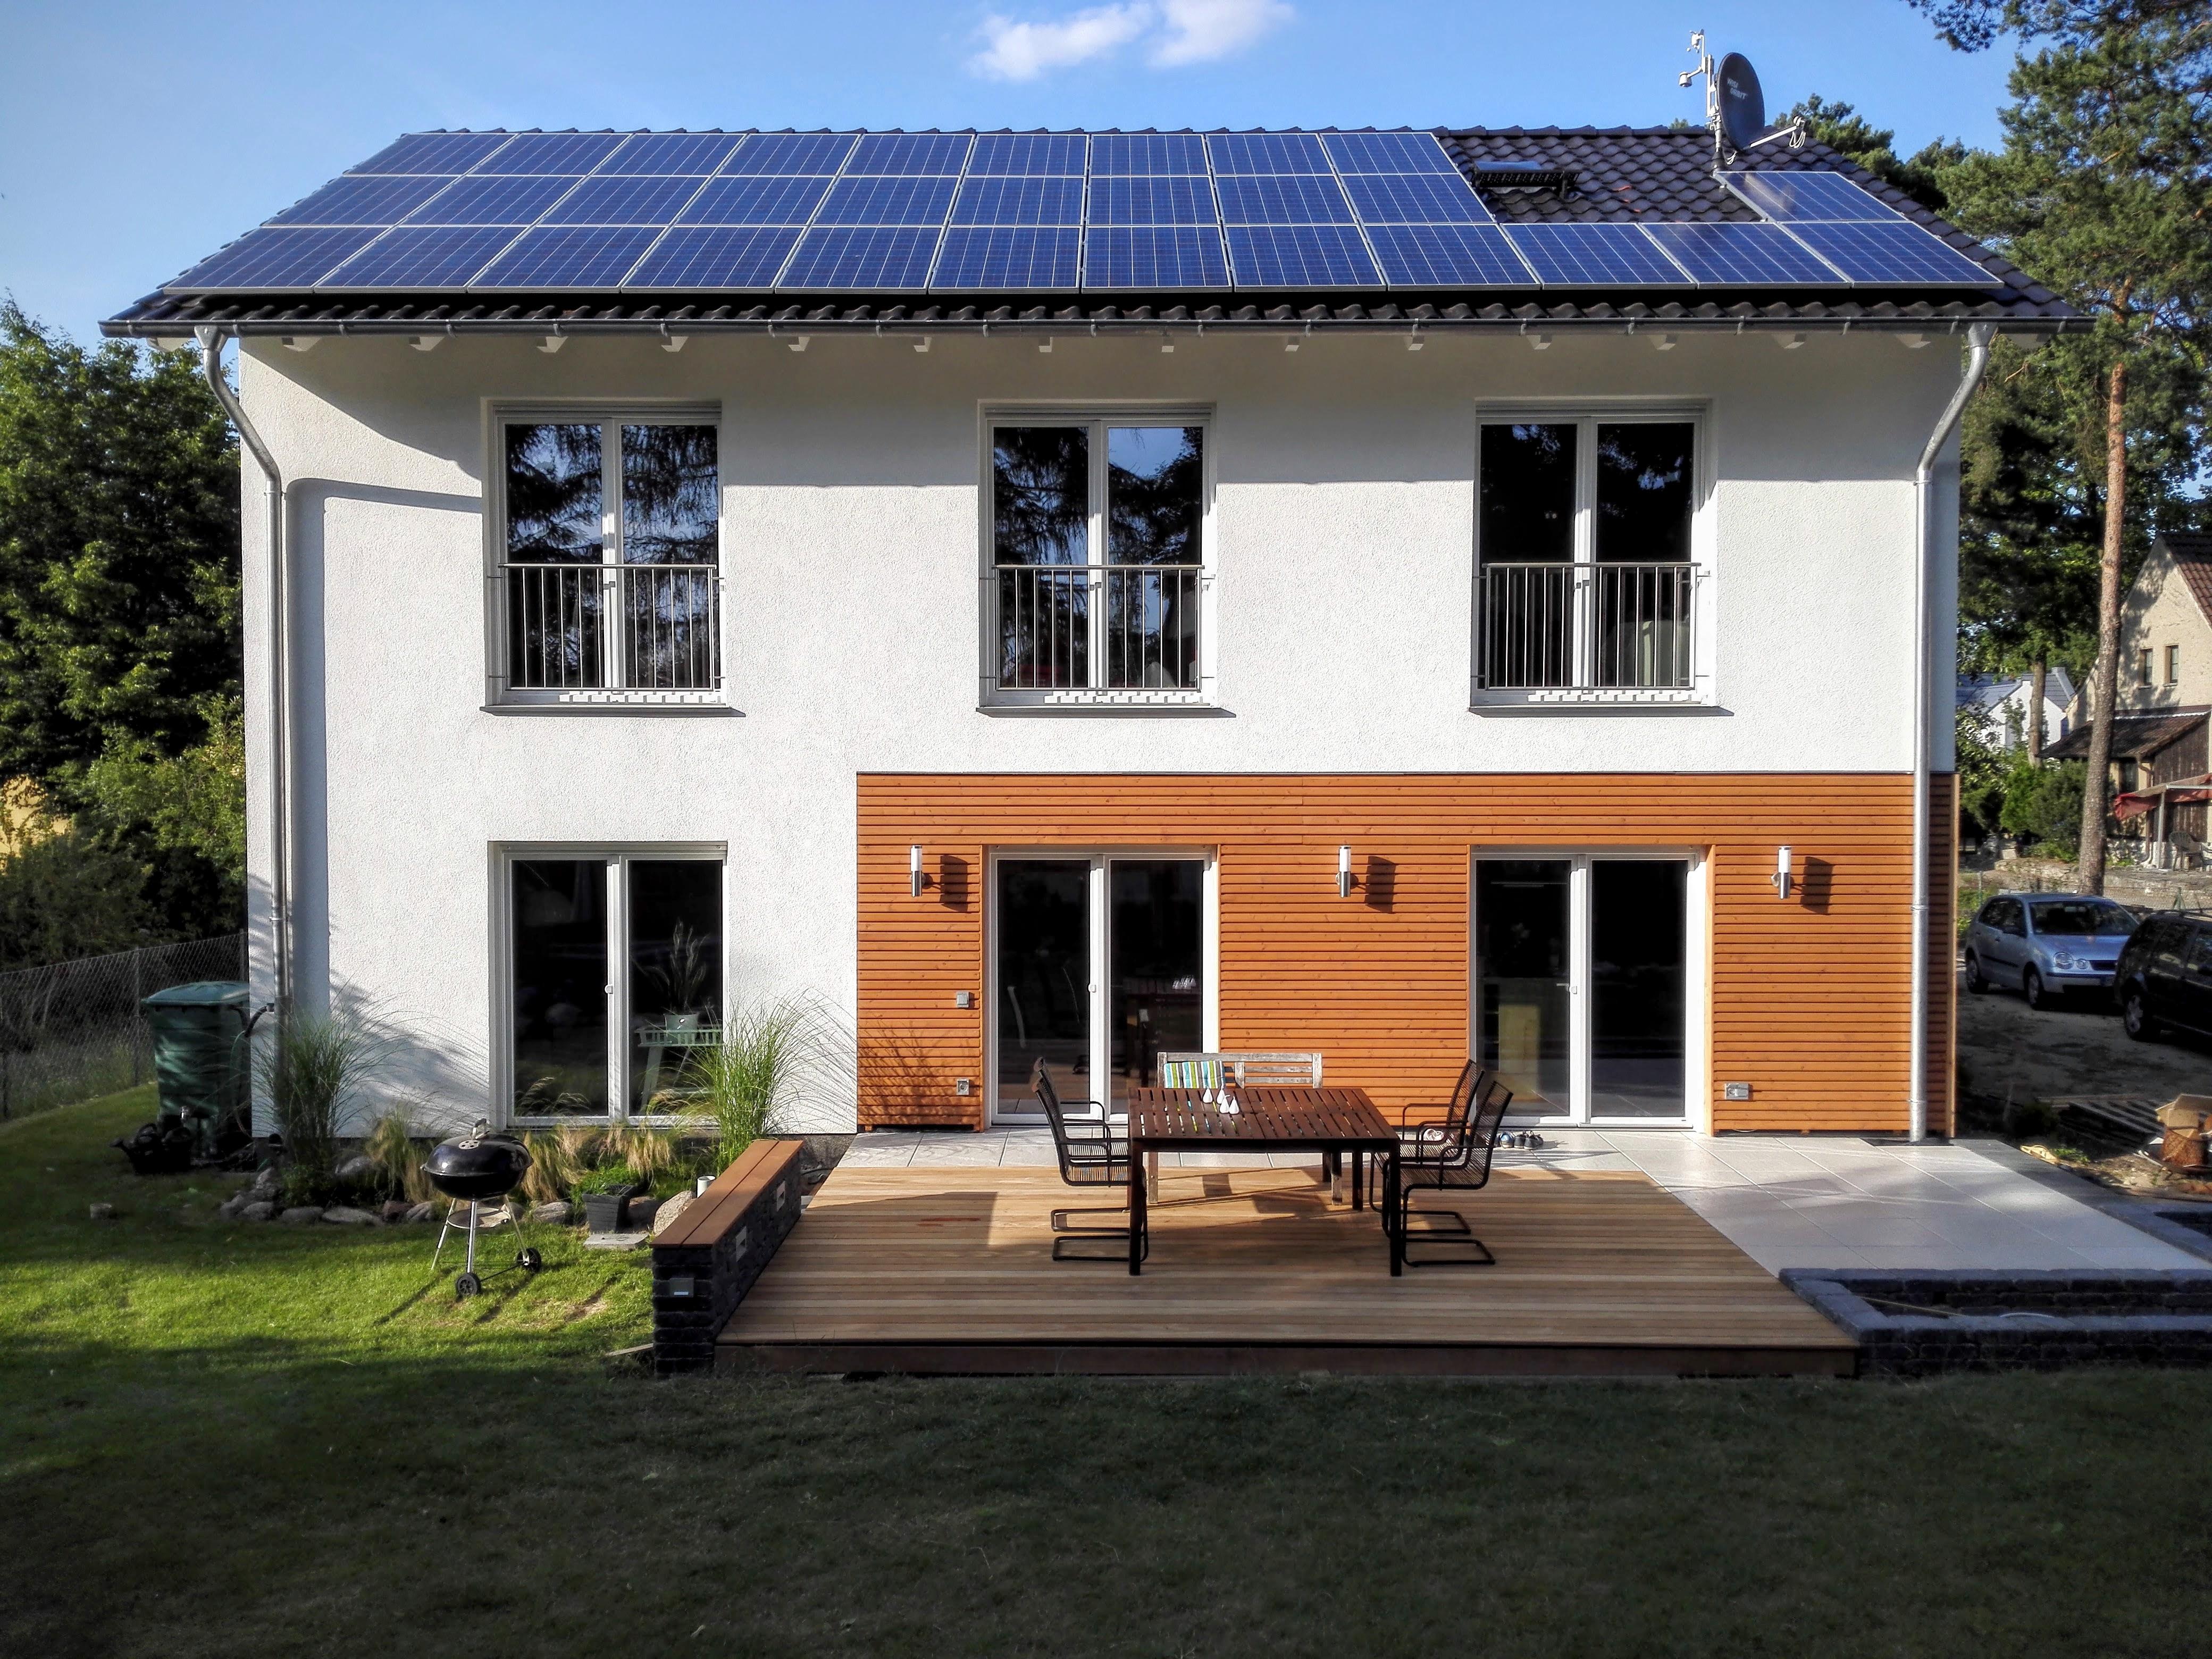 Holz-Stein-Terrasse im Eigenbau